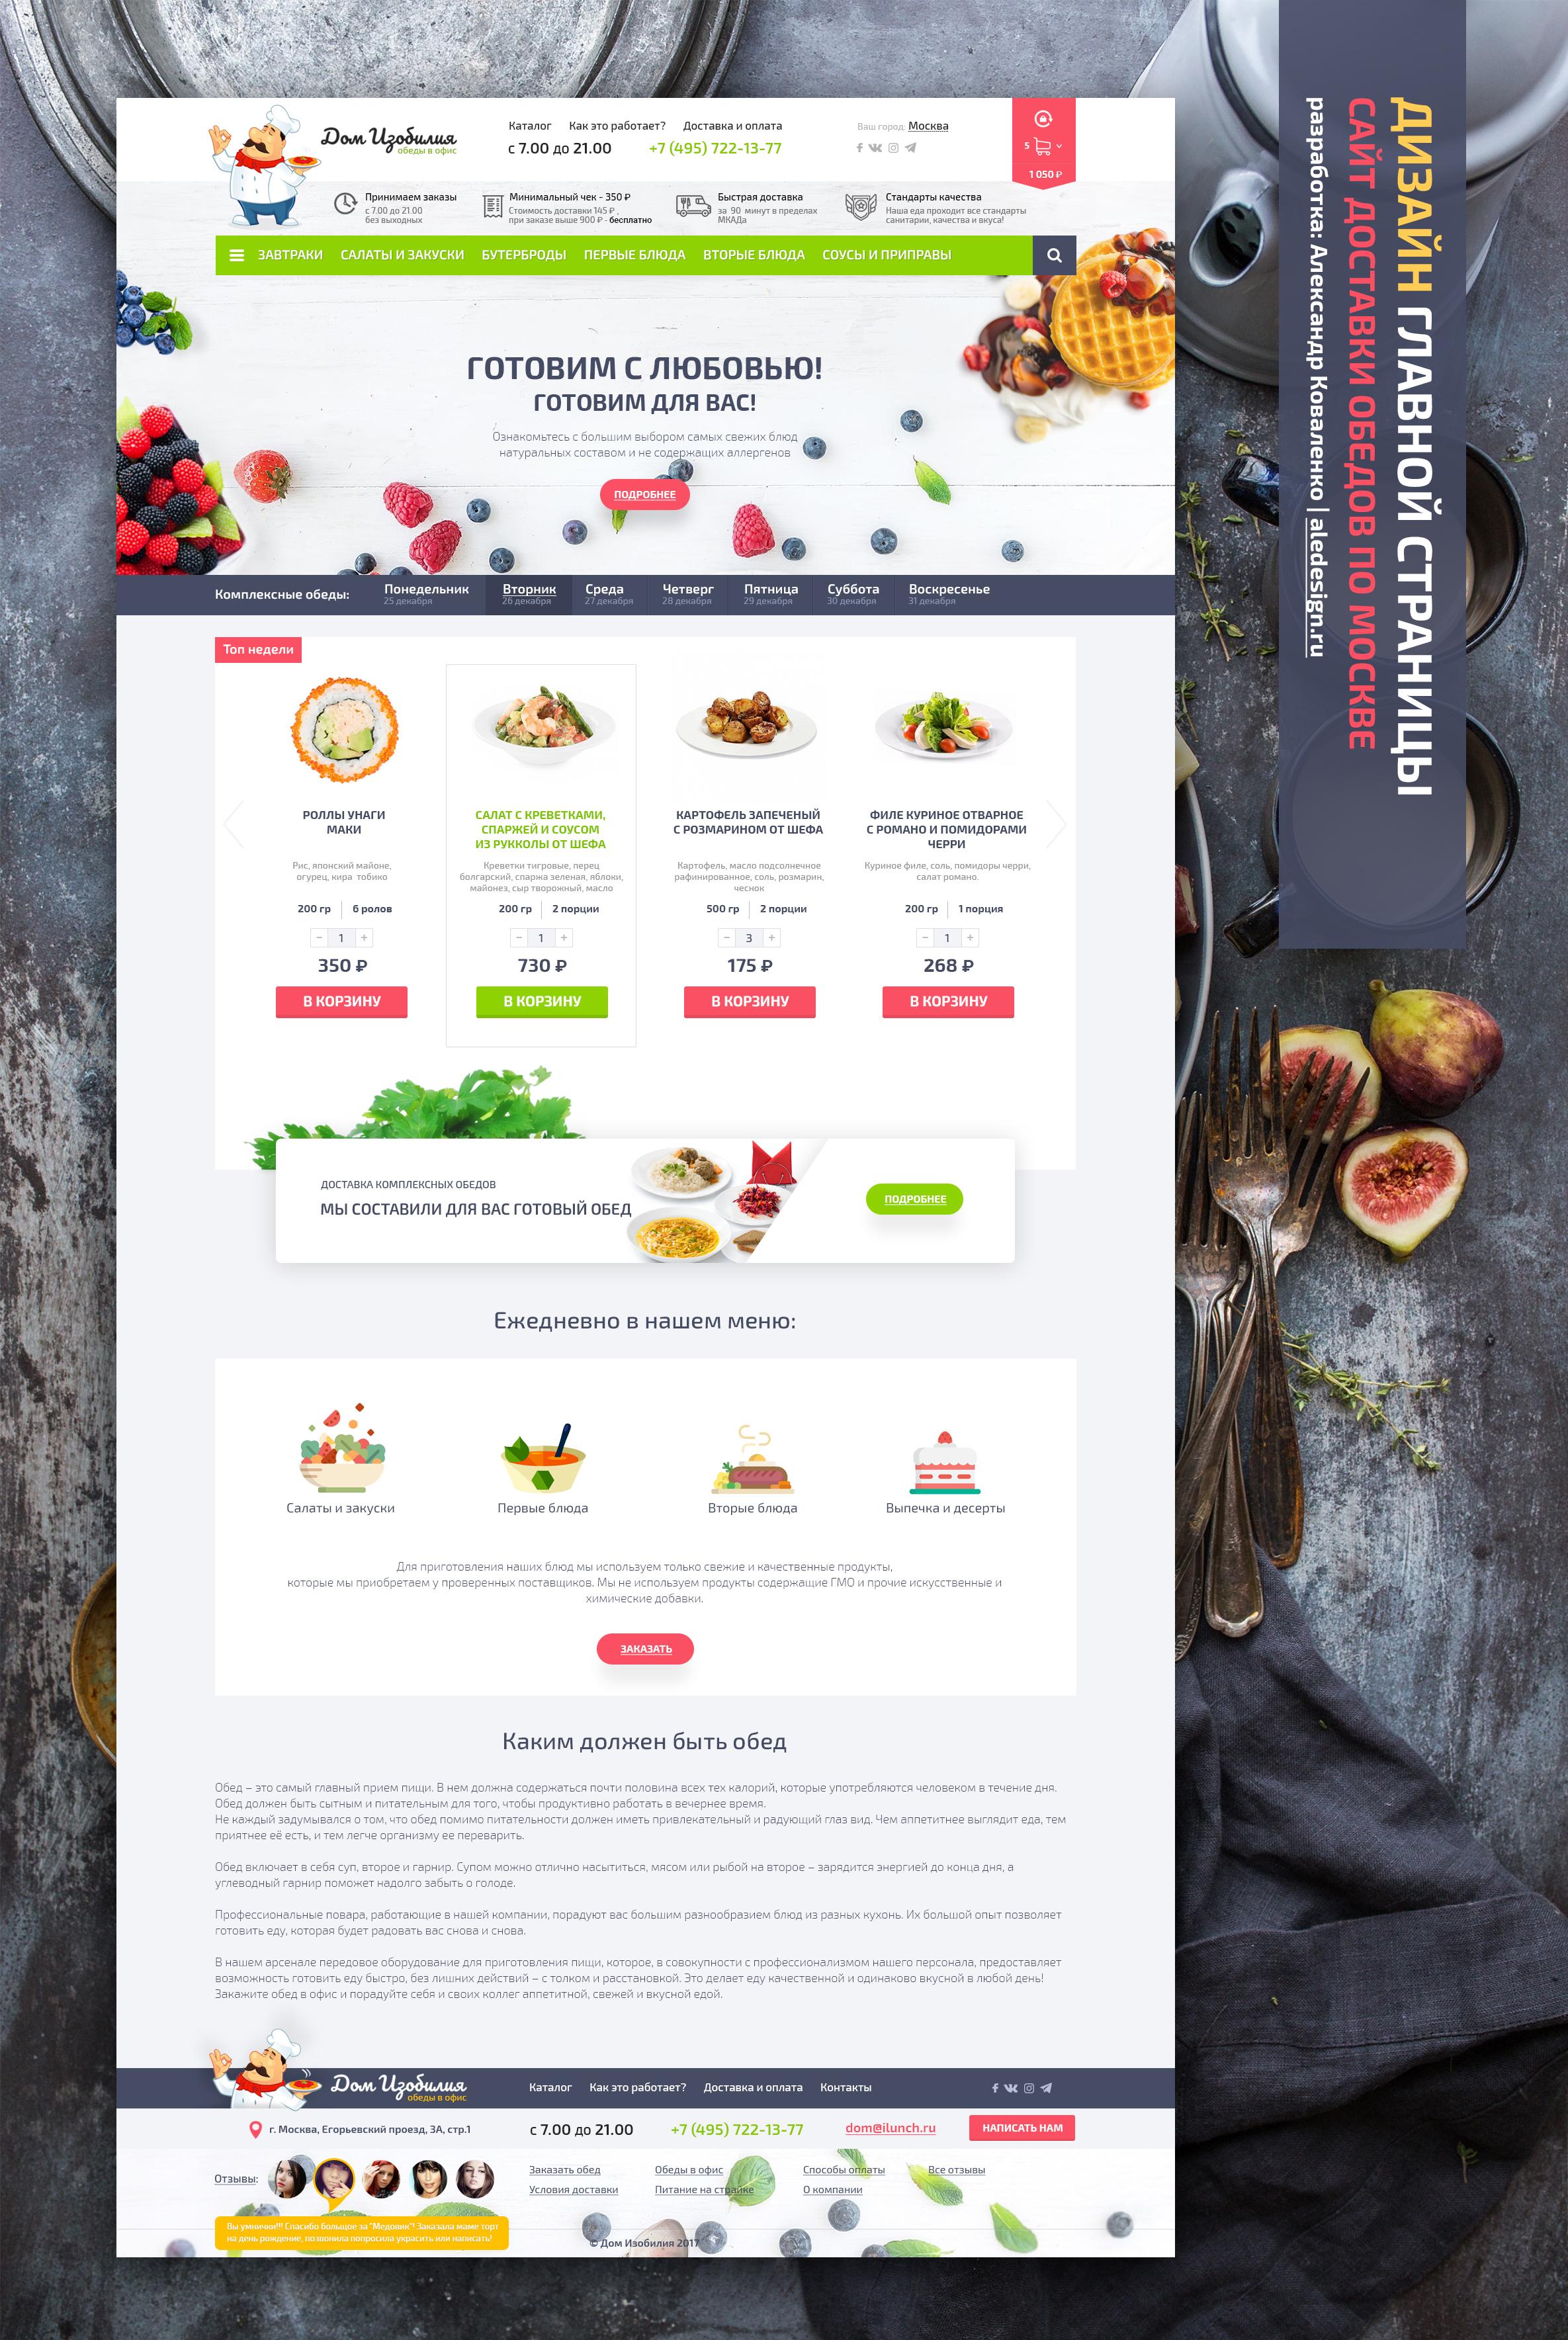 Дизайн сайта доставки обедов по Москве 🍰🎂🍧🍦🍭🍤